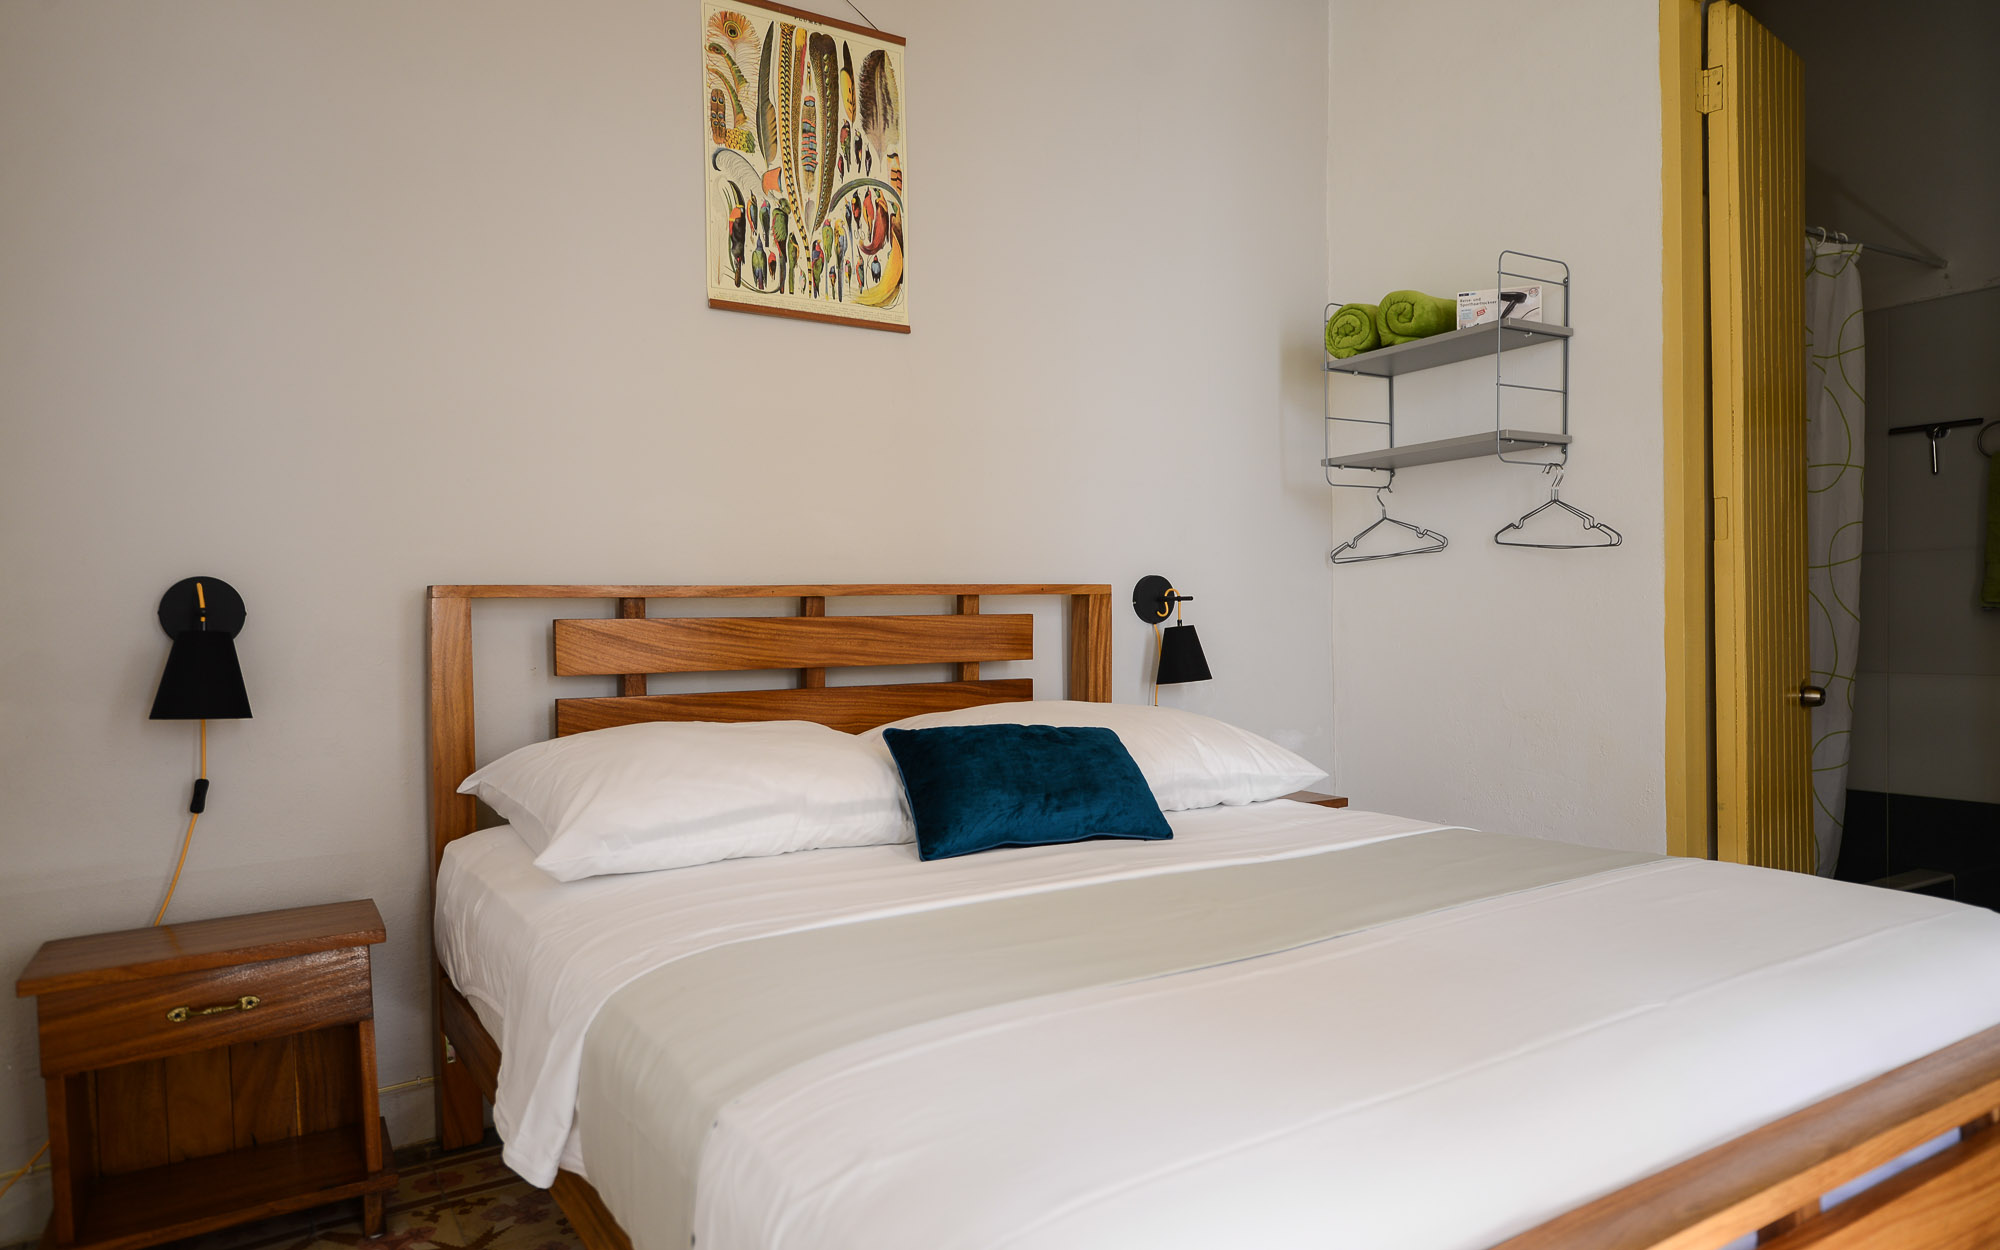 Casa Particular Camagüey Zimmer 1